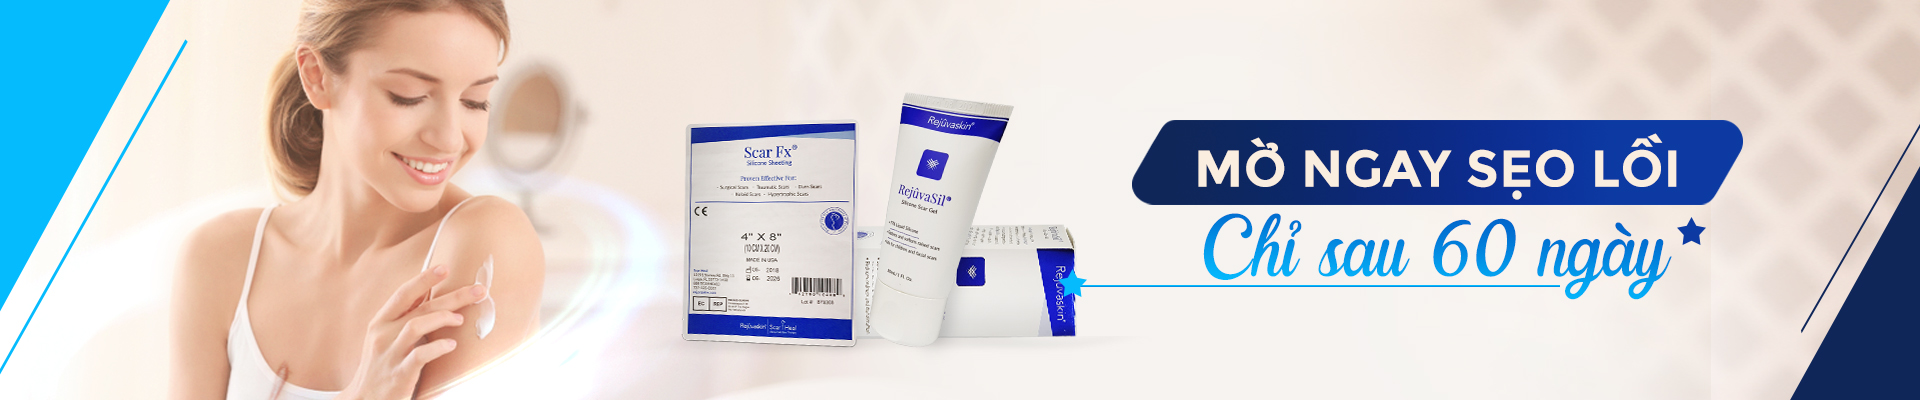 đặc trị sẹo lòi sẹo phì đại